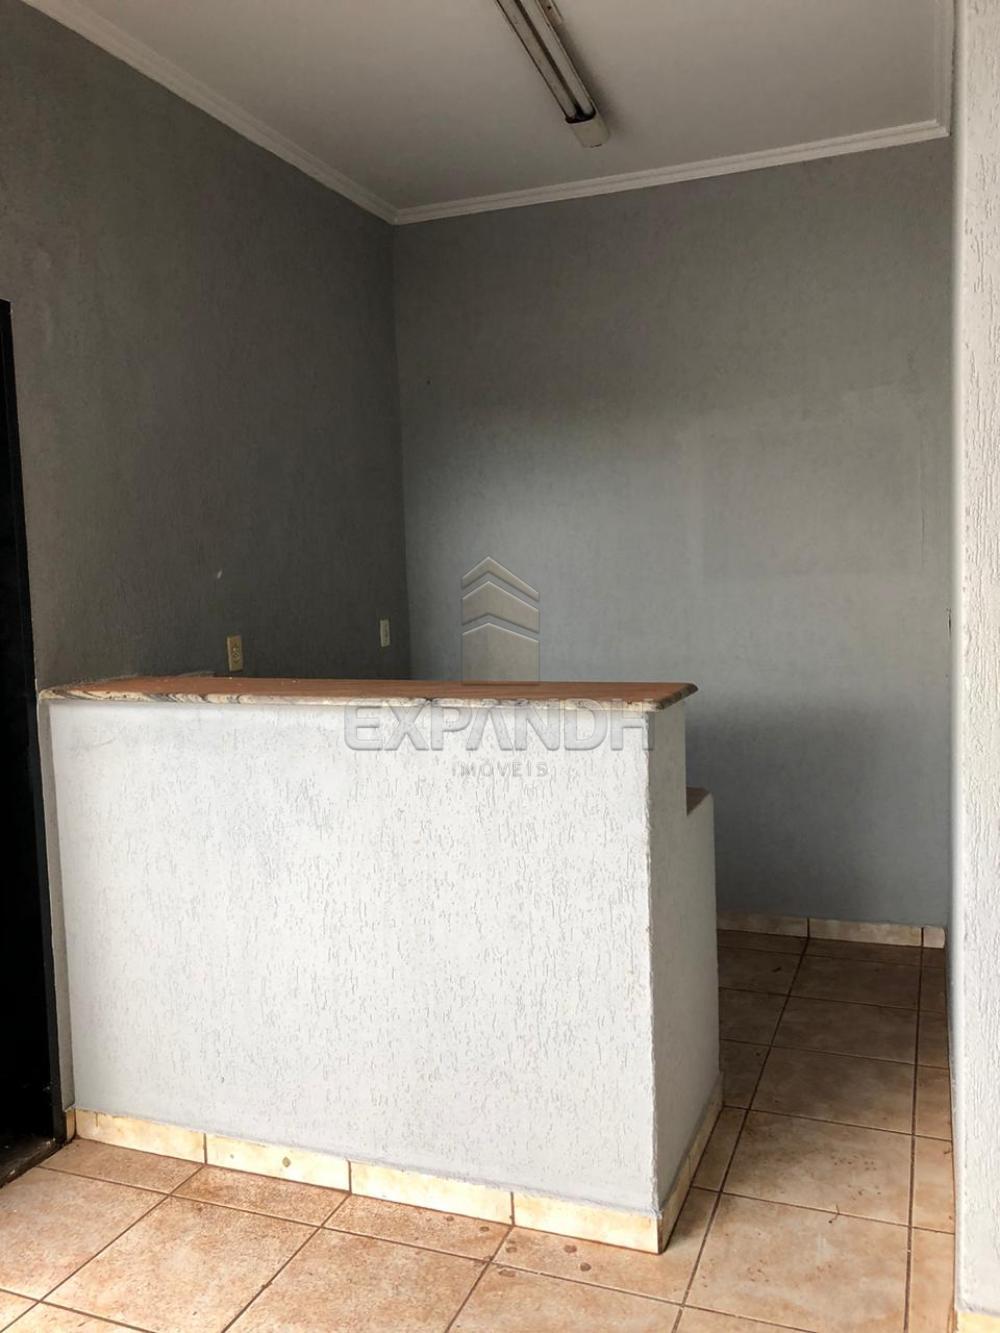 Alugar Comerciais / Salão em Sertãozinho R$ 3.200,00 - Foto 7